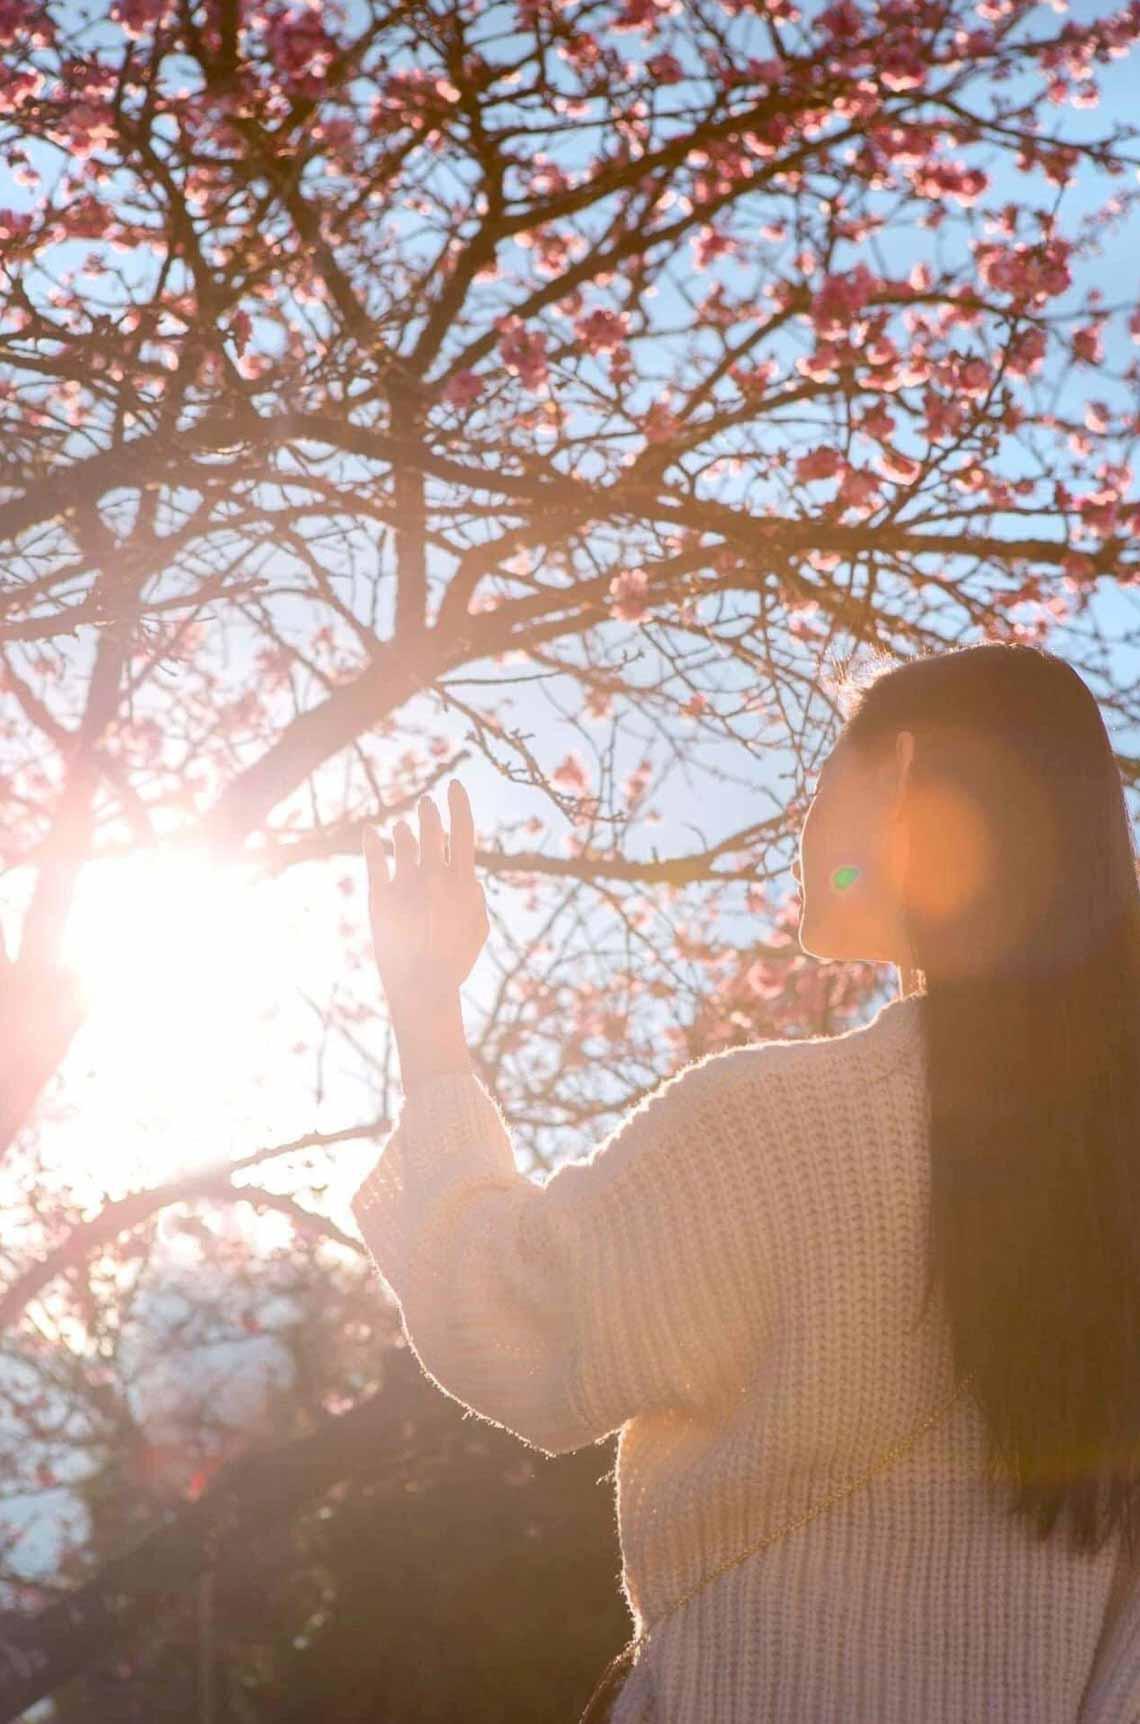 Hoa anh đào Nhật đang khoe sắc tuyệt đẹp tại 'thành phố mây ngàn' -6